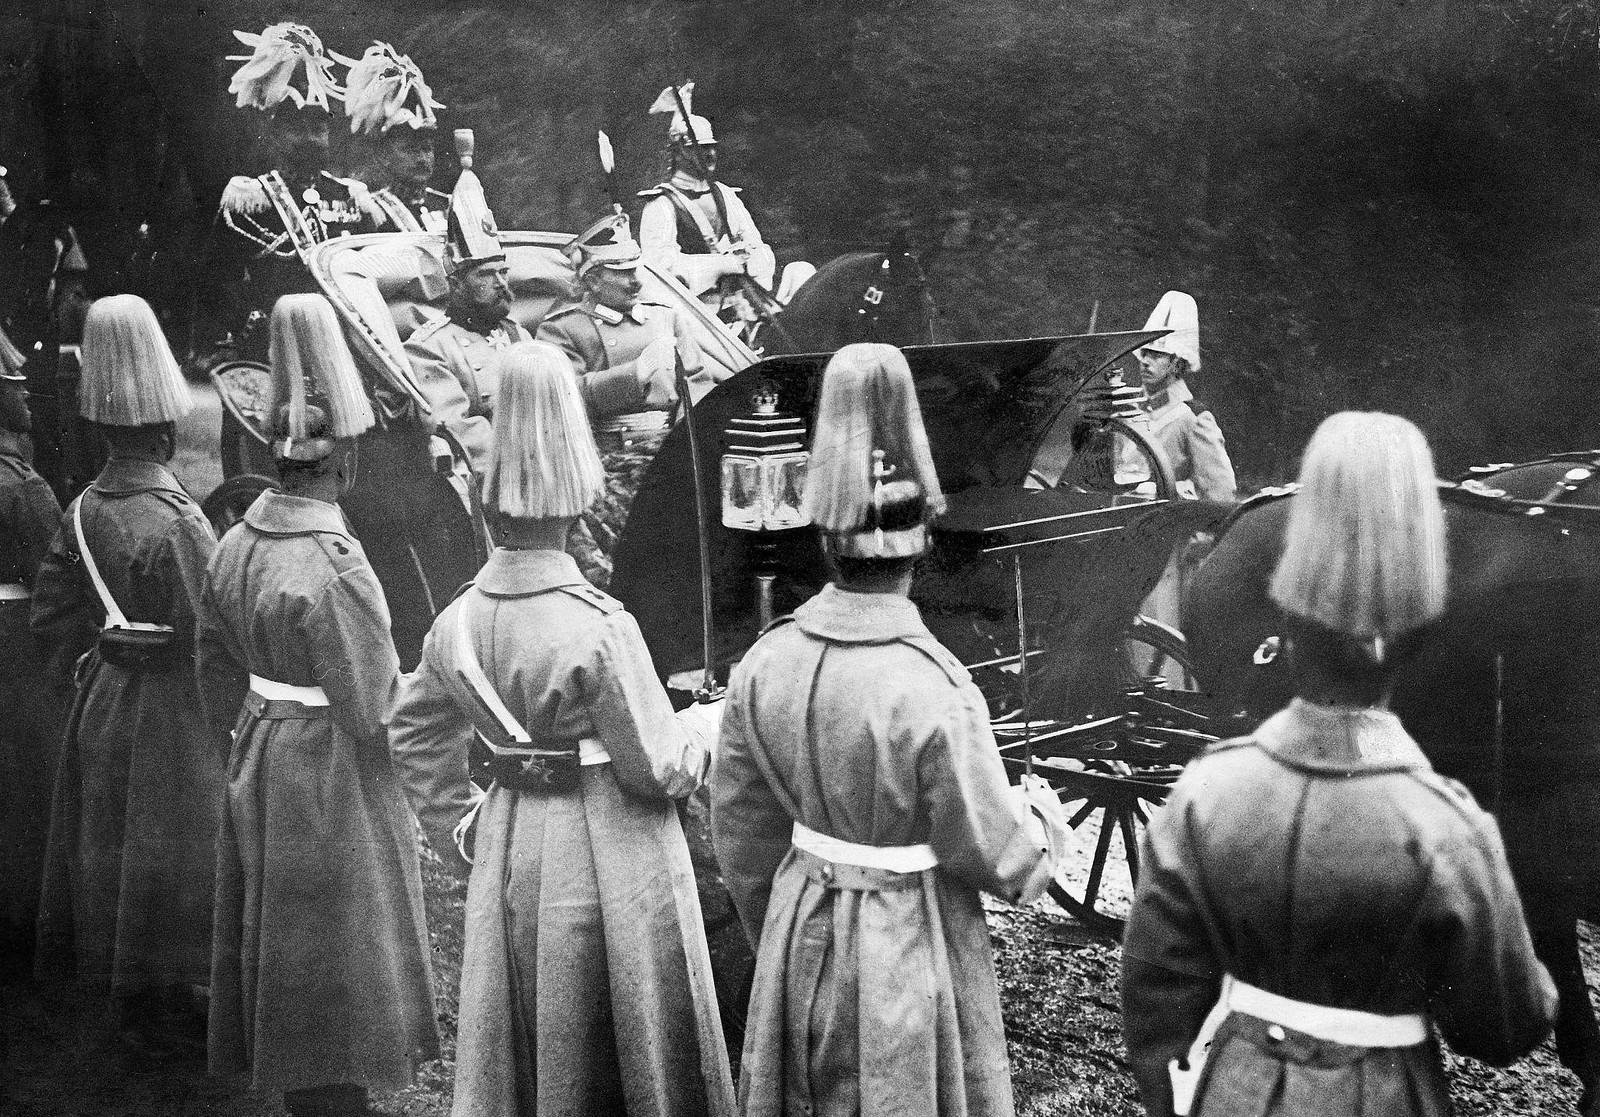 1910. Император Николай II и император Вильгельм II по дороге в замок в Потсдам